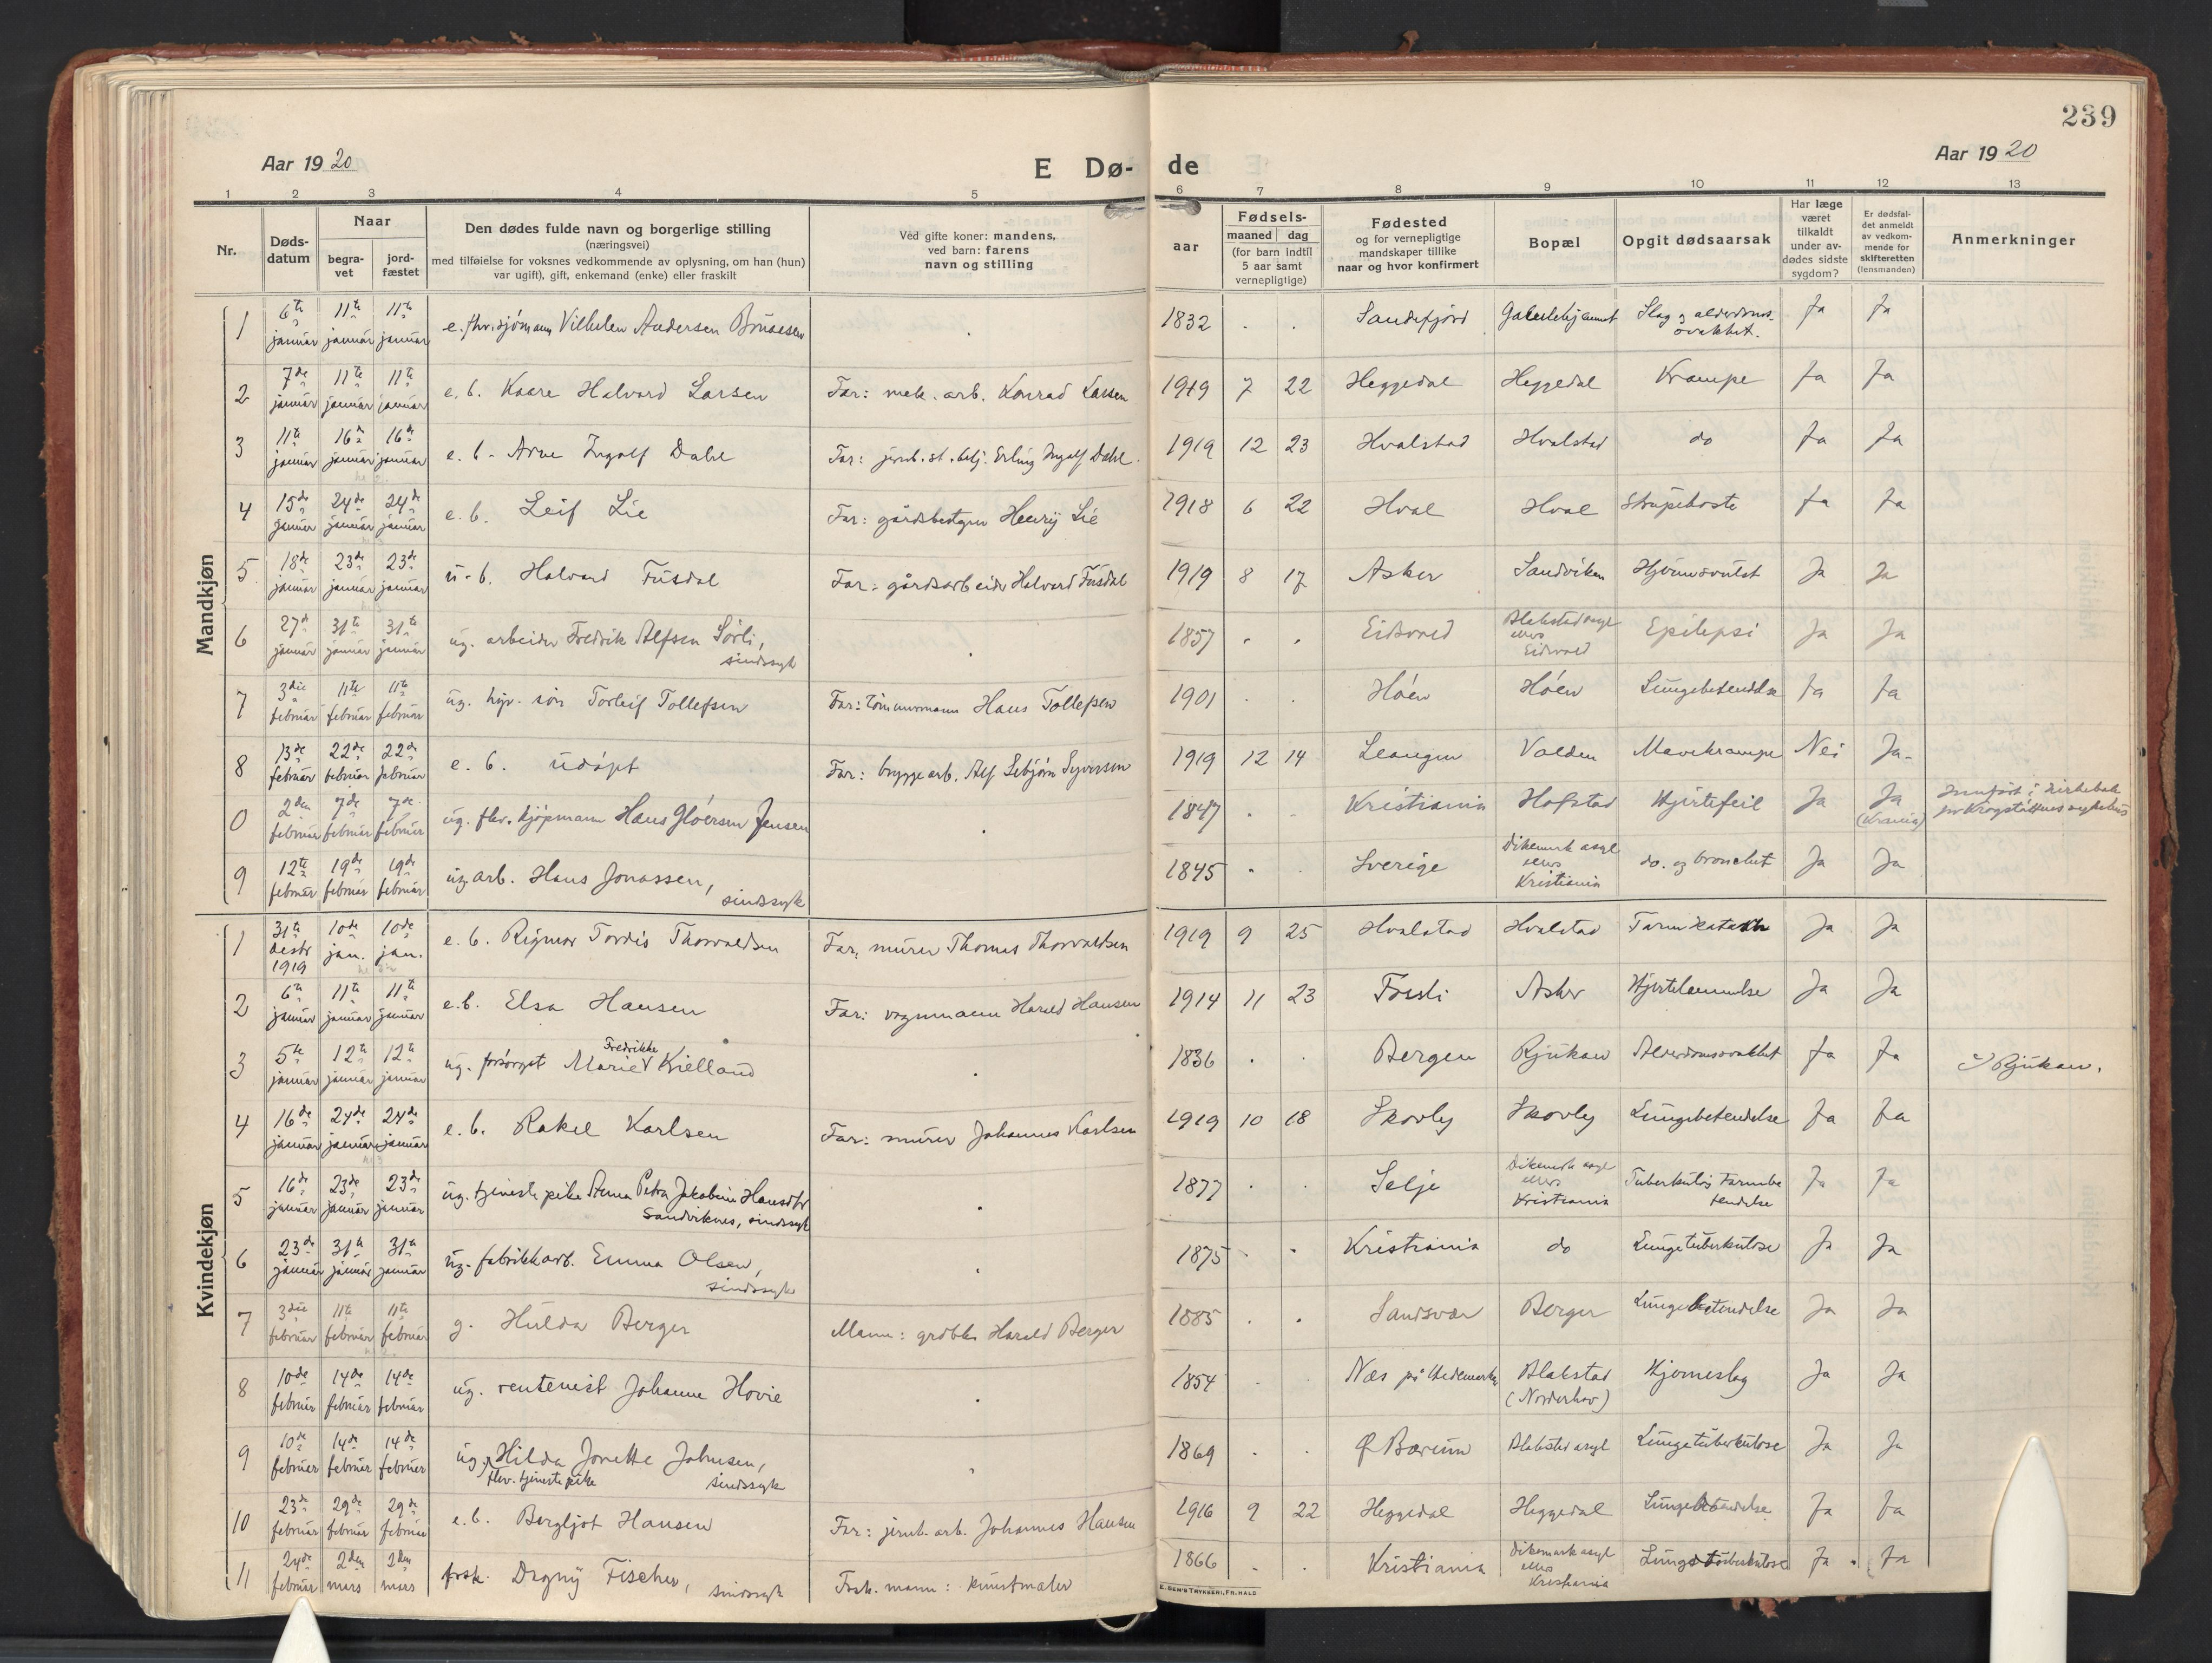 SAO, Asker prestekontor Kirkebøker, F/Fa/L0018: Ministerialbok nr. I 18, 1916-1936, s. 239